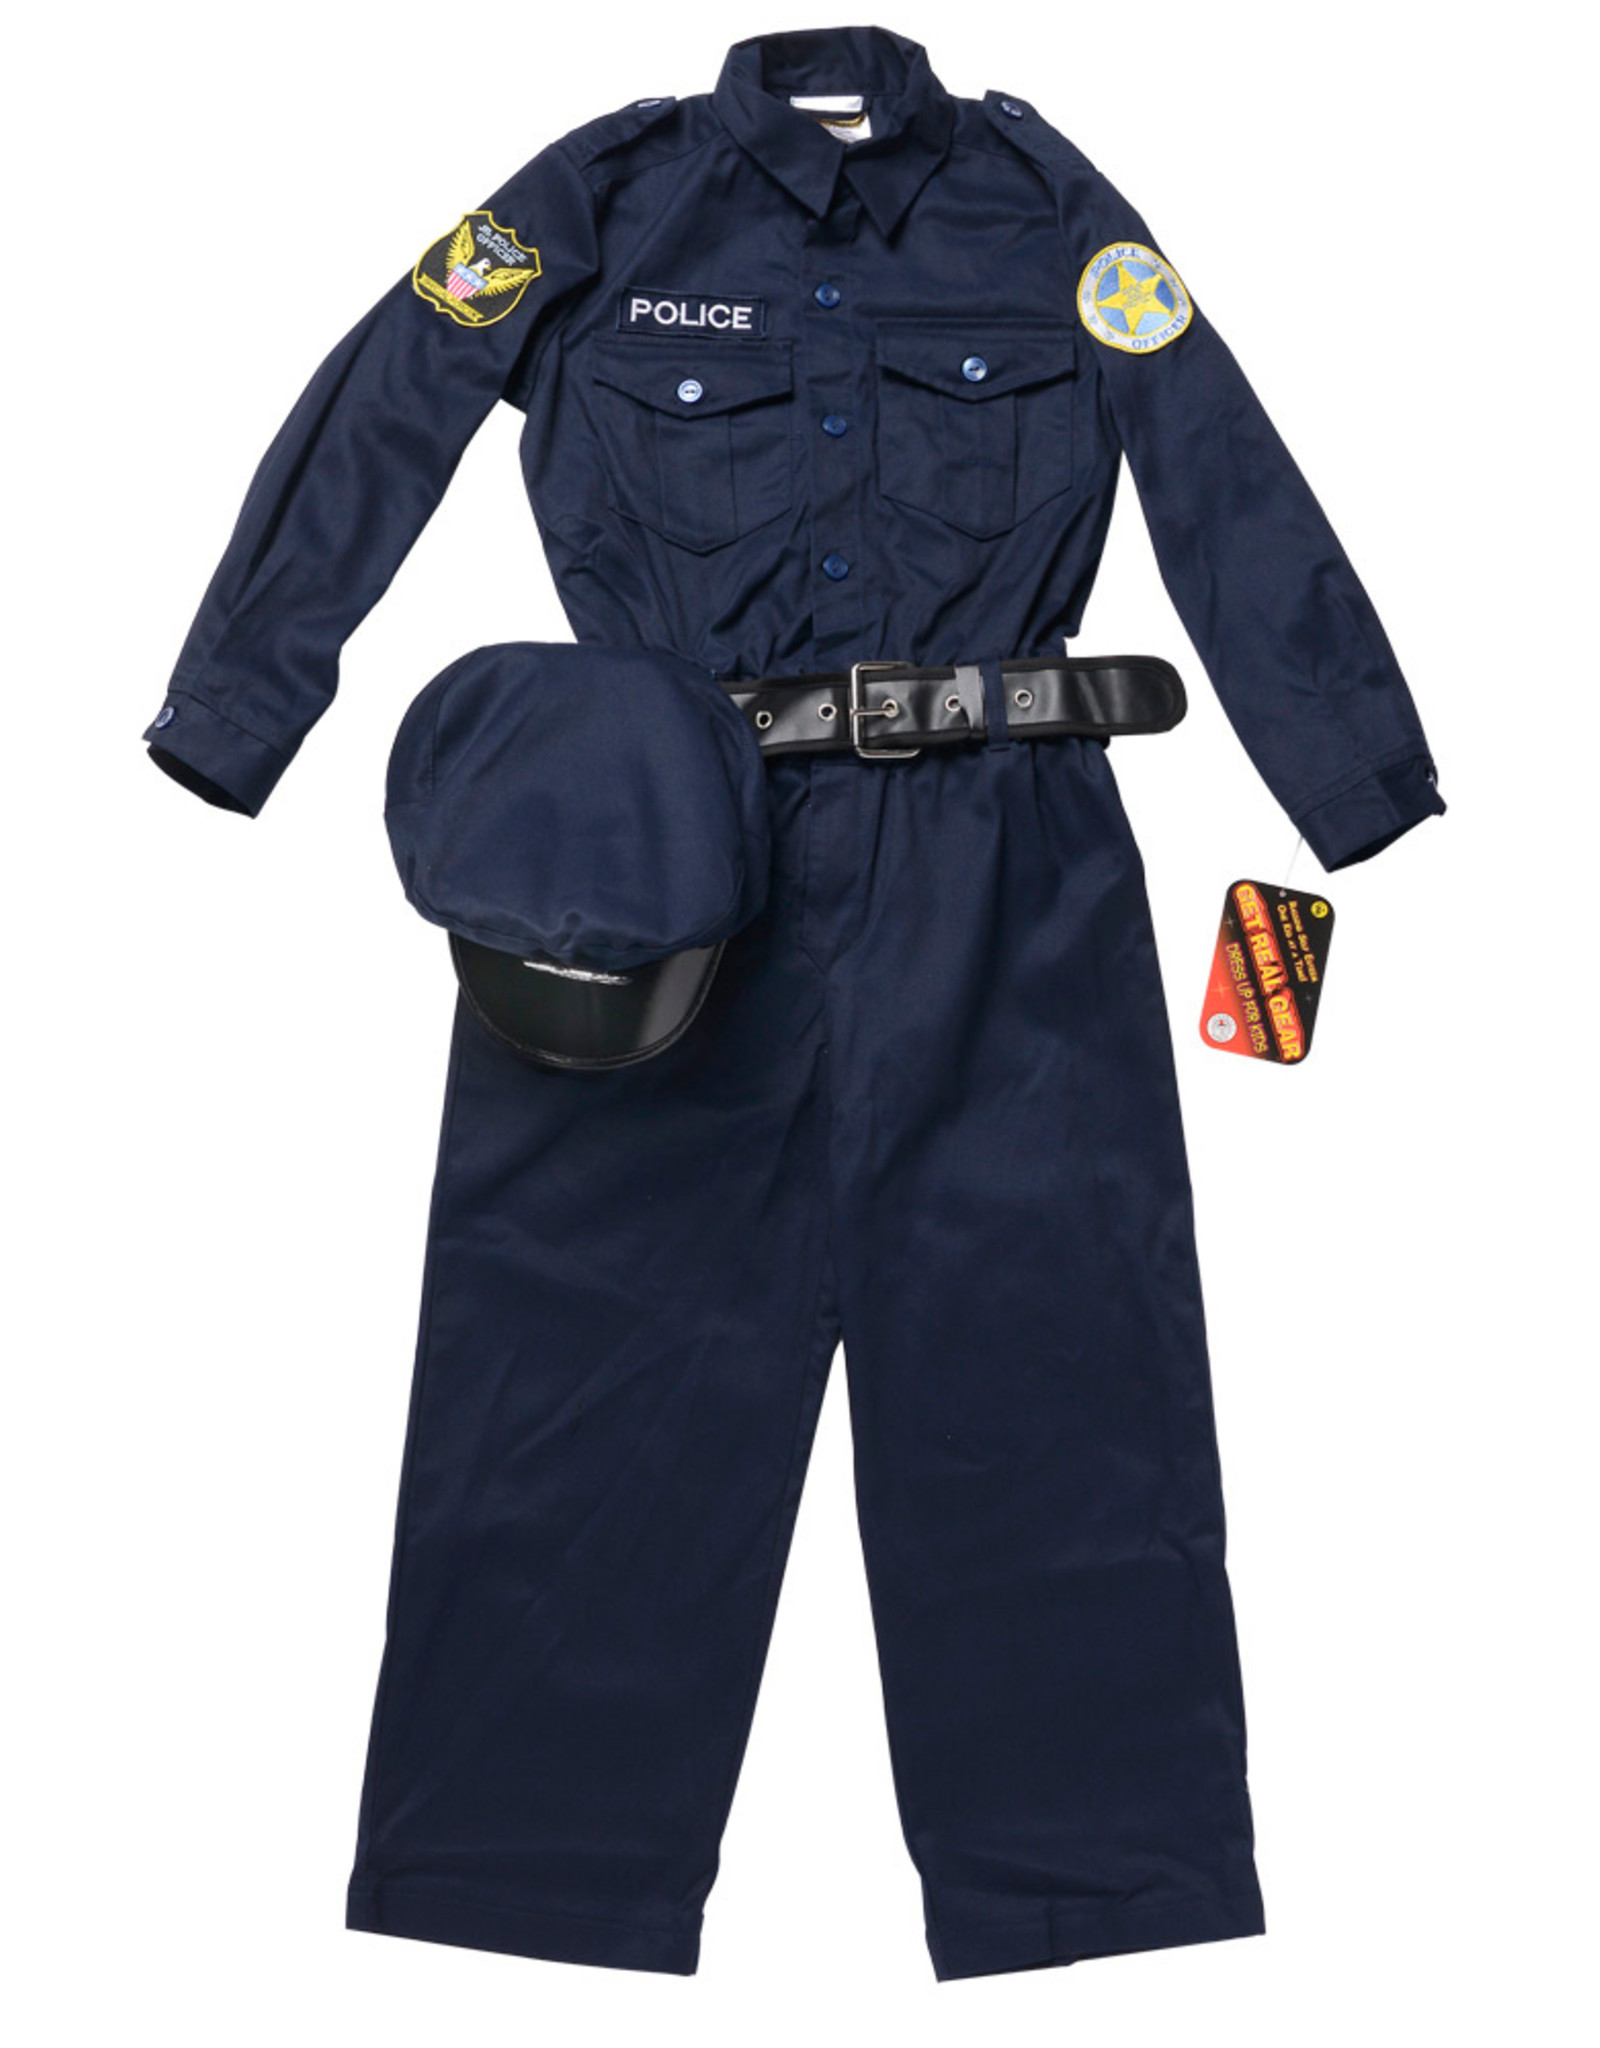 Aeromax Jr Police Officer